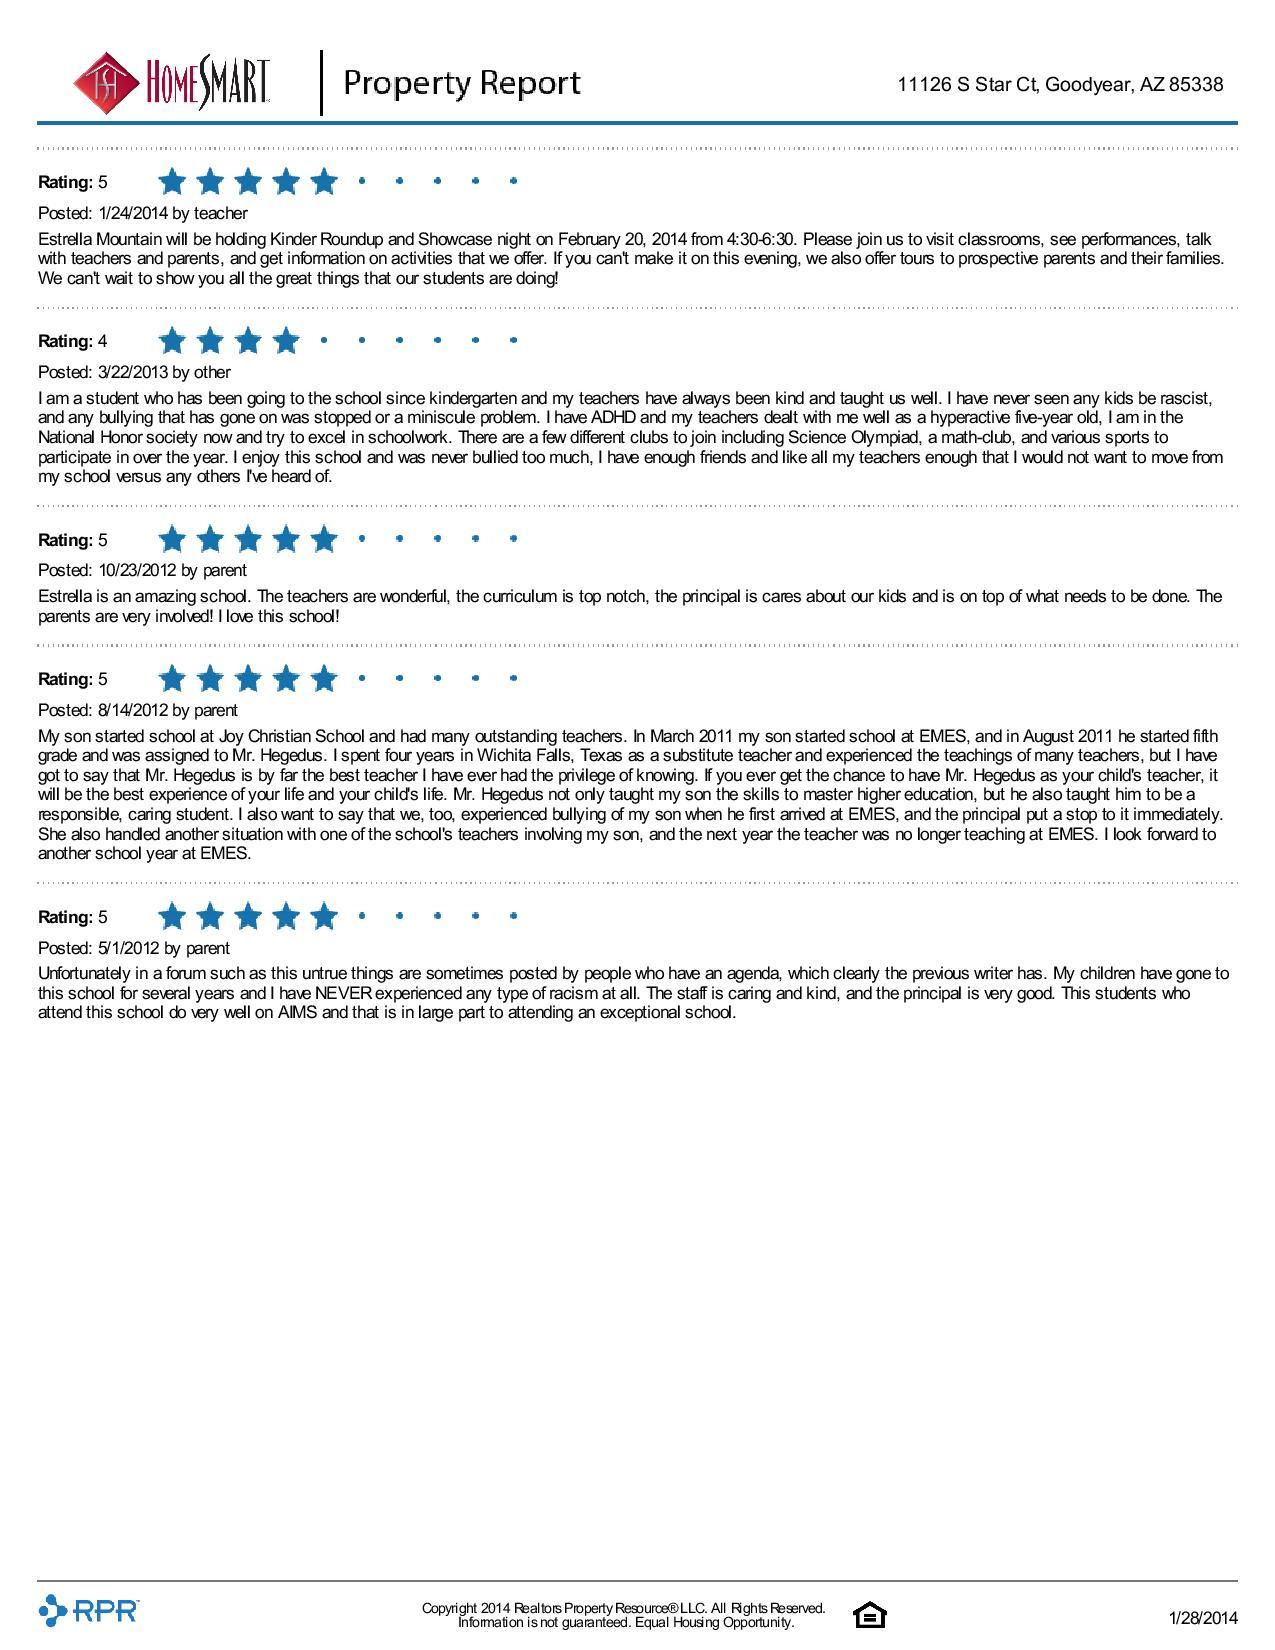 11126-S-Star-Ct-Goodyear-AZ-85338.pdf-page-015